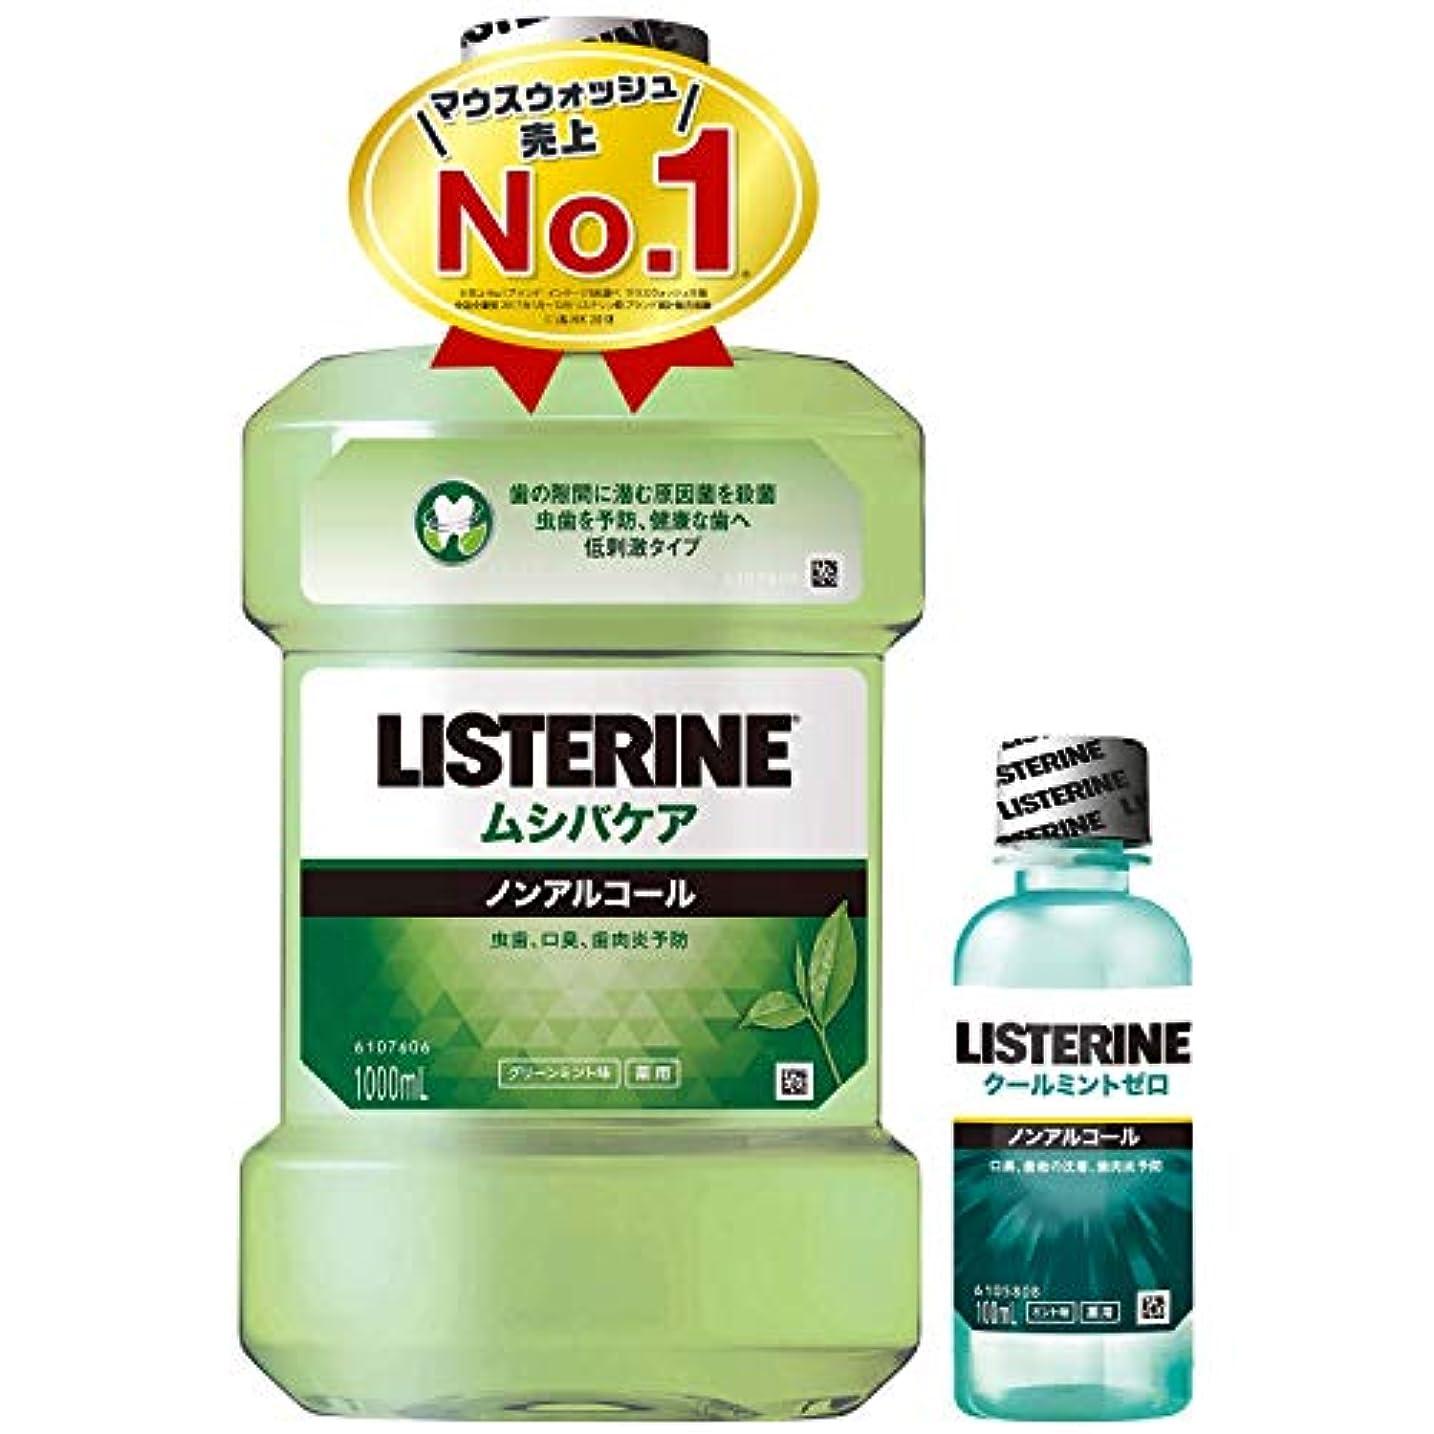 アラートオプションキリスト教[医薬部外品] 薬用 LISTERINE(リステリン) マウスウォッシュ ムシバケア 1000mL + おまけつき